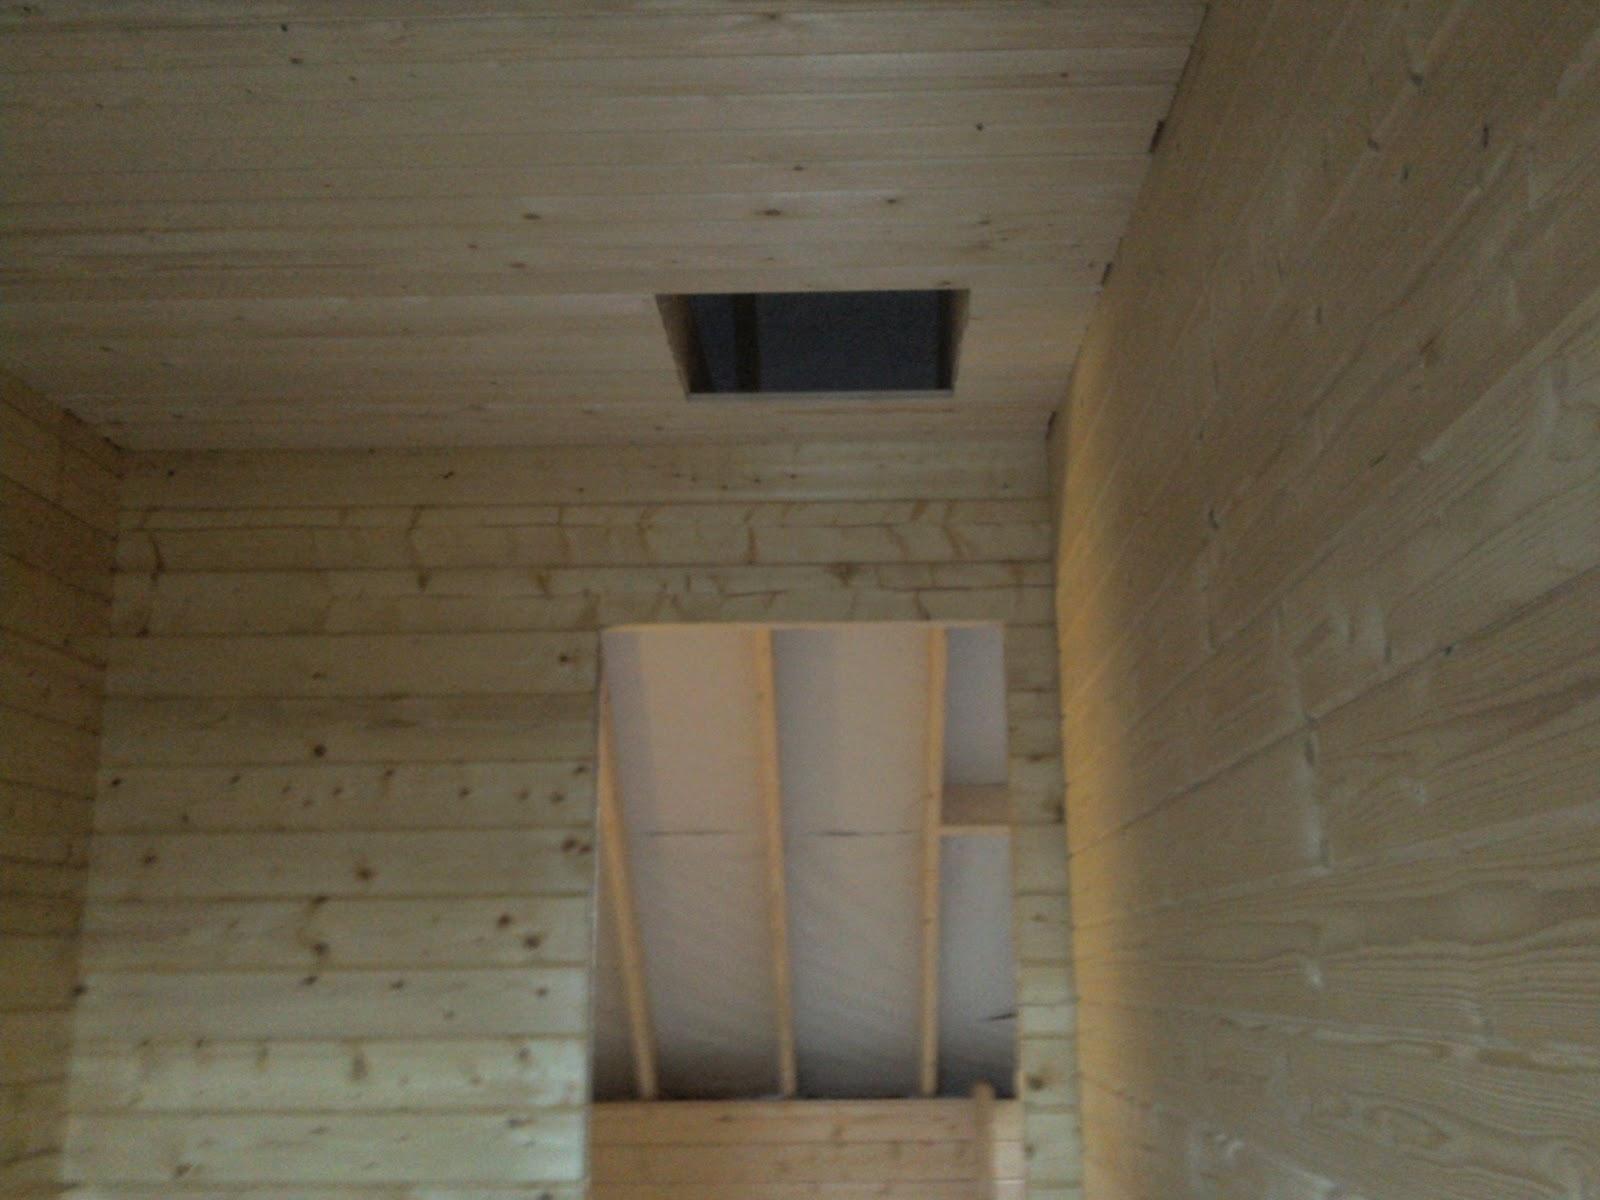 toit et bois 19 novembre montage lambris plafond chouette. Black Bedroom Furniture Sets. Home Design Ideas